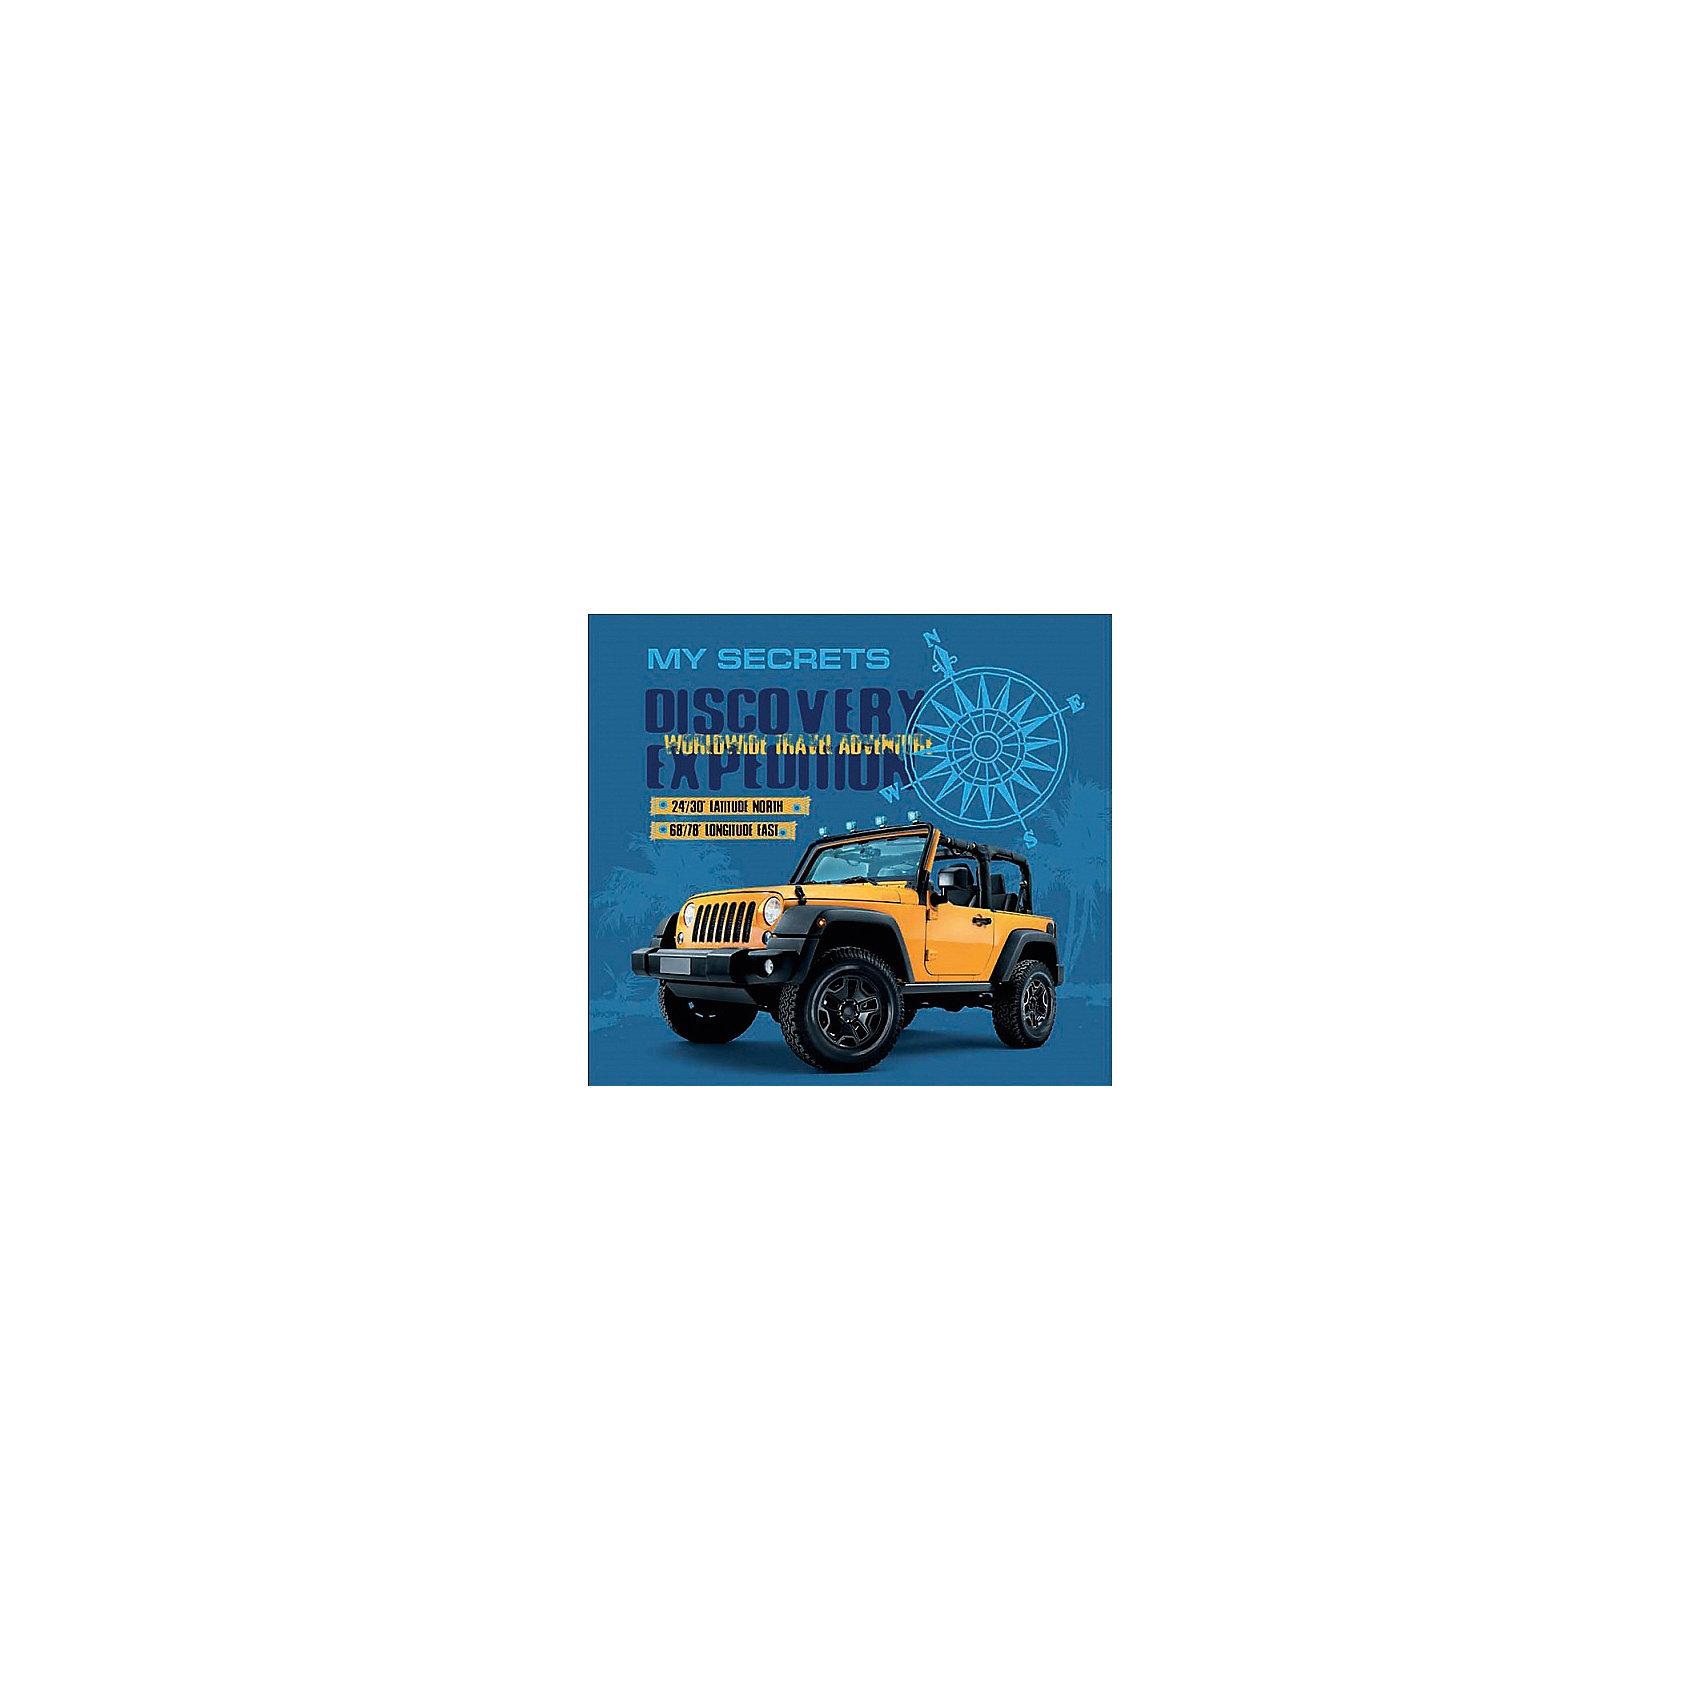 Органайзер трехблочный Желтый внедорожник Феникс+Бумажная продукция<br>Органайзер трехблочный детский ЖЕЛТЫЙ ВНЕДОРОЖНИК (95х85мм, магнит. замок, обл. 7 БЦ, глянц. пленка, тисн. голуб. фольгой,  бум. офсет, одноцв. печать блока. 3 отрывных блока (30 л., 60л., 28л.), Инд. ПЭТ-упак.)<br><br>Ширина мм: 90<br>Глубина мм: 90<br>Высота мм: 25<br>Вес г: 125<br>Возраст от месяцев: 72<br>Возраст до месяцев: 2147483647<br>Пол: Унисекс<br>Возраст: Детский<br>SKU: 7046272